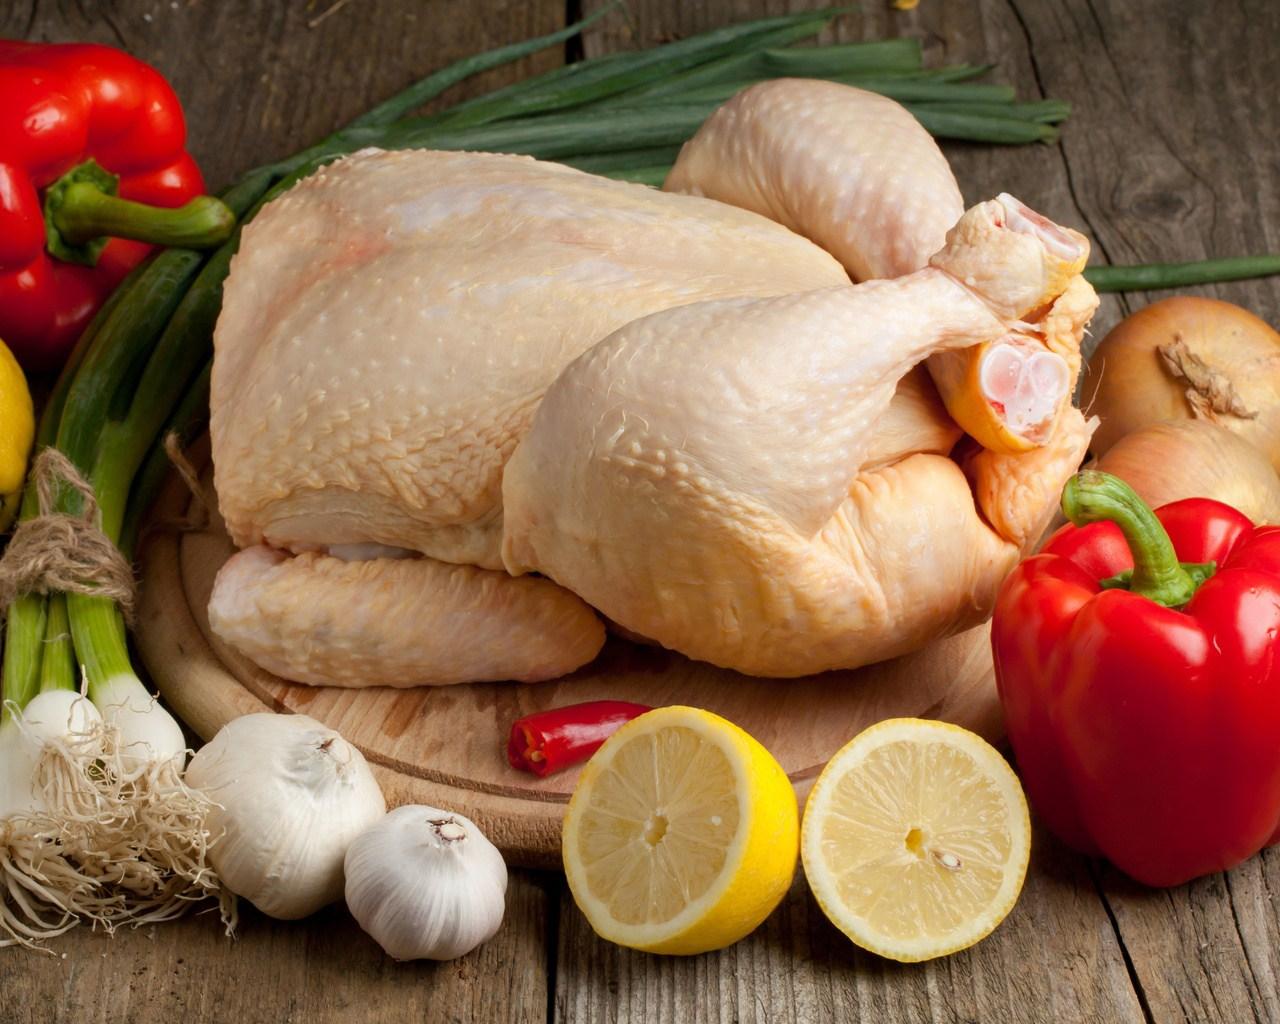 طريقة تنظيف الدجاج من الزفر